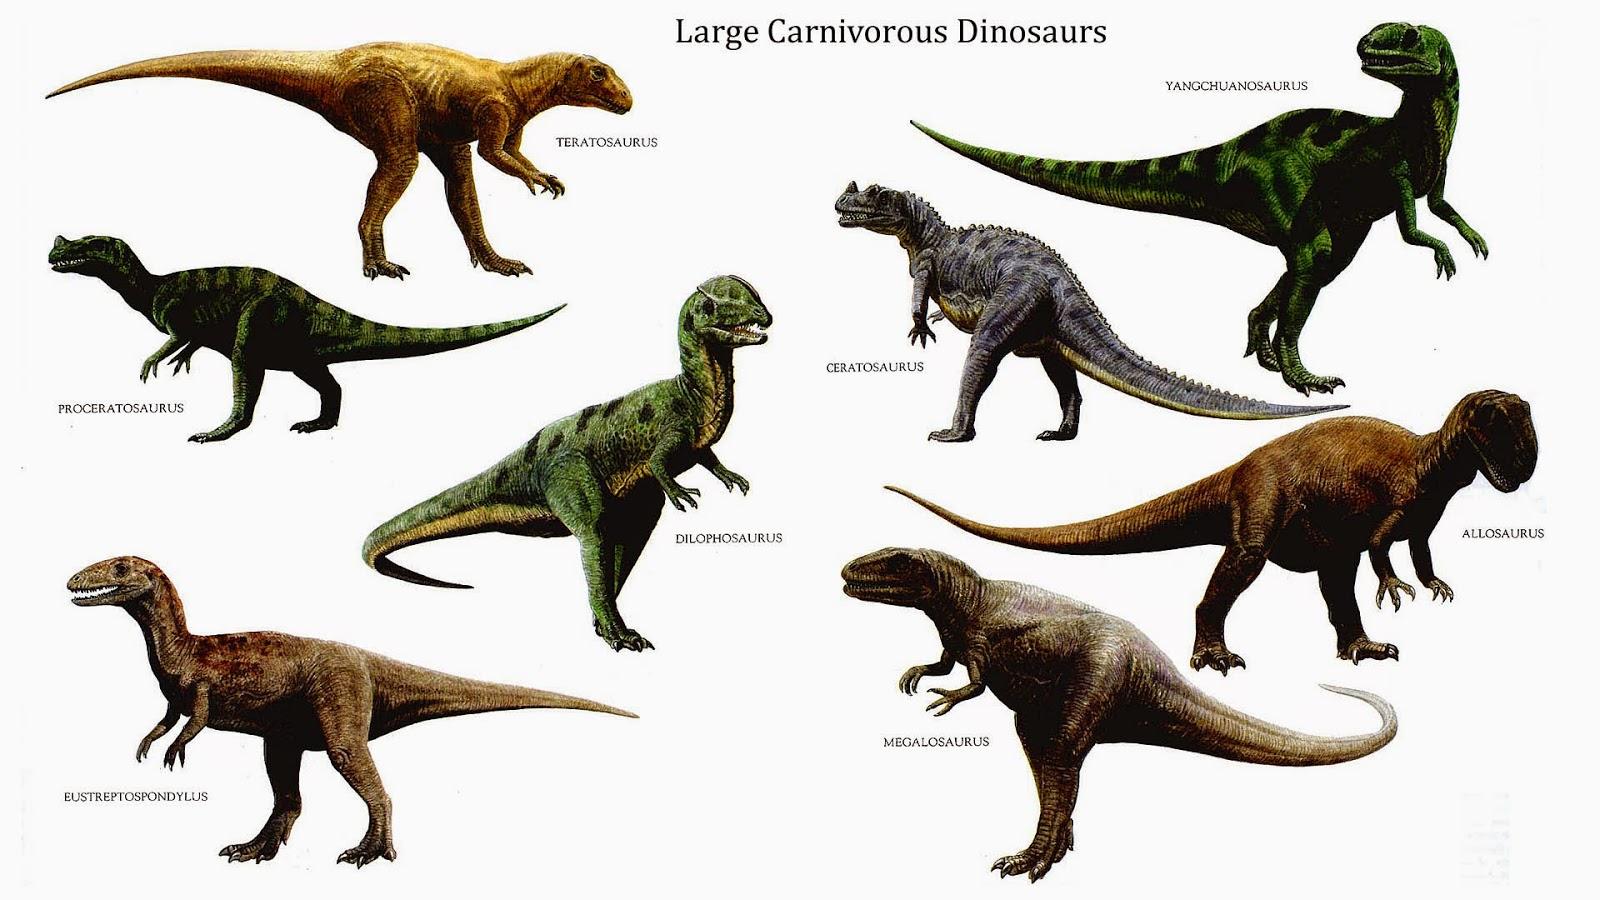 Que Es Un Dinosaurio Y Que No Lo Es Ciencia De Sofa Si bien no podía volar, podía efectuar movimientos semejantes a los que realizan las aves modernas. que es un dinosaurio y que no lo es